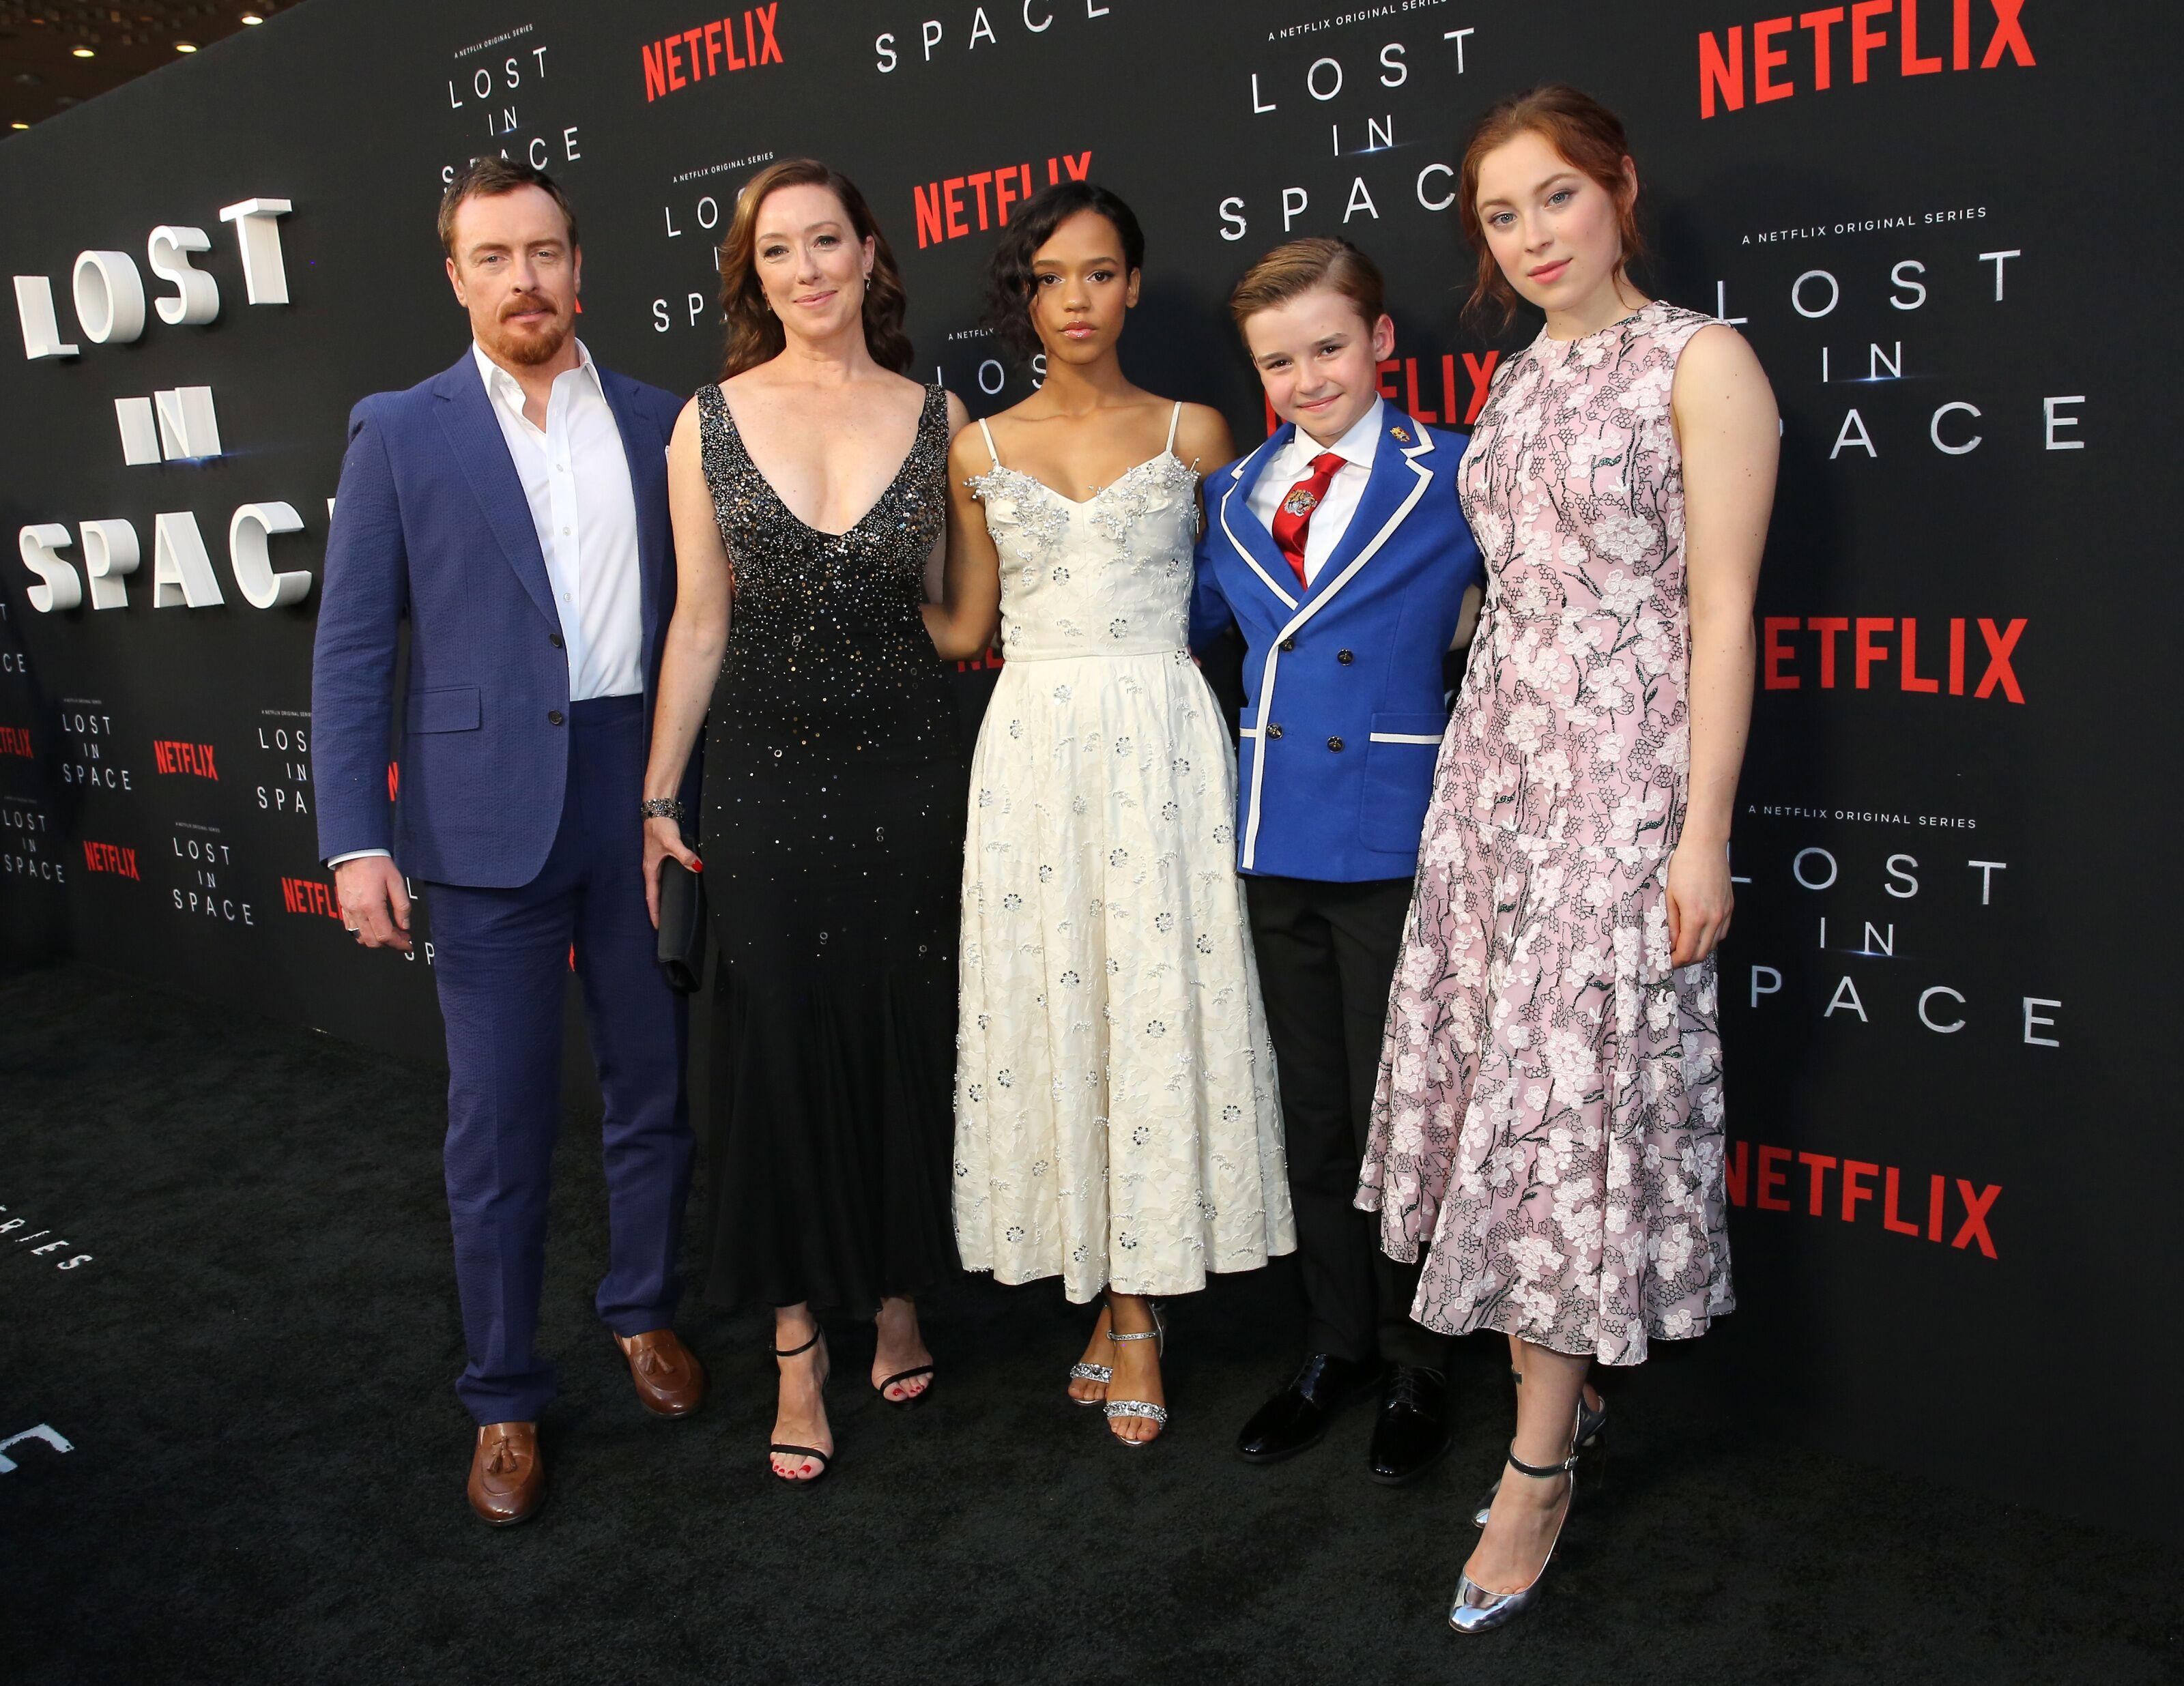 cast of lost in space netflix season 2